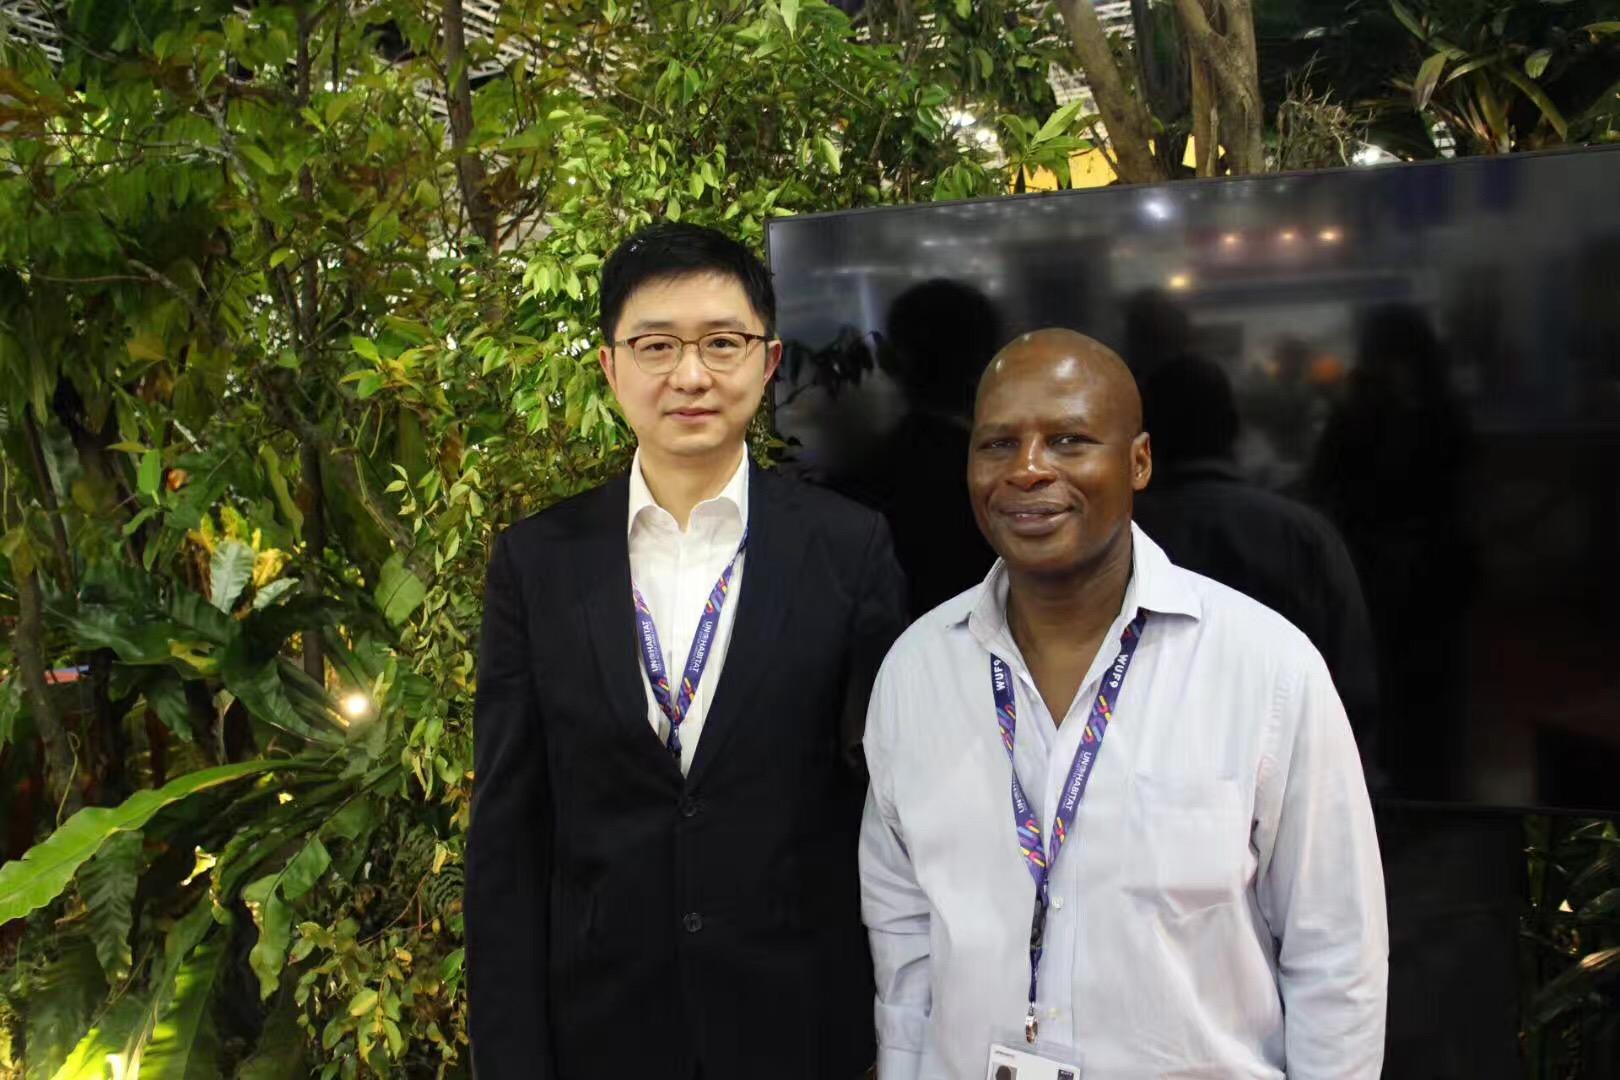 南南合作局亚太区负责人Denis Nkala博士